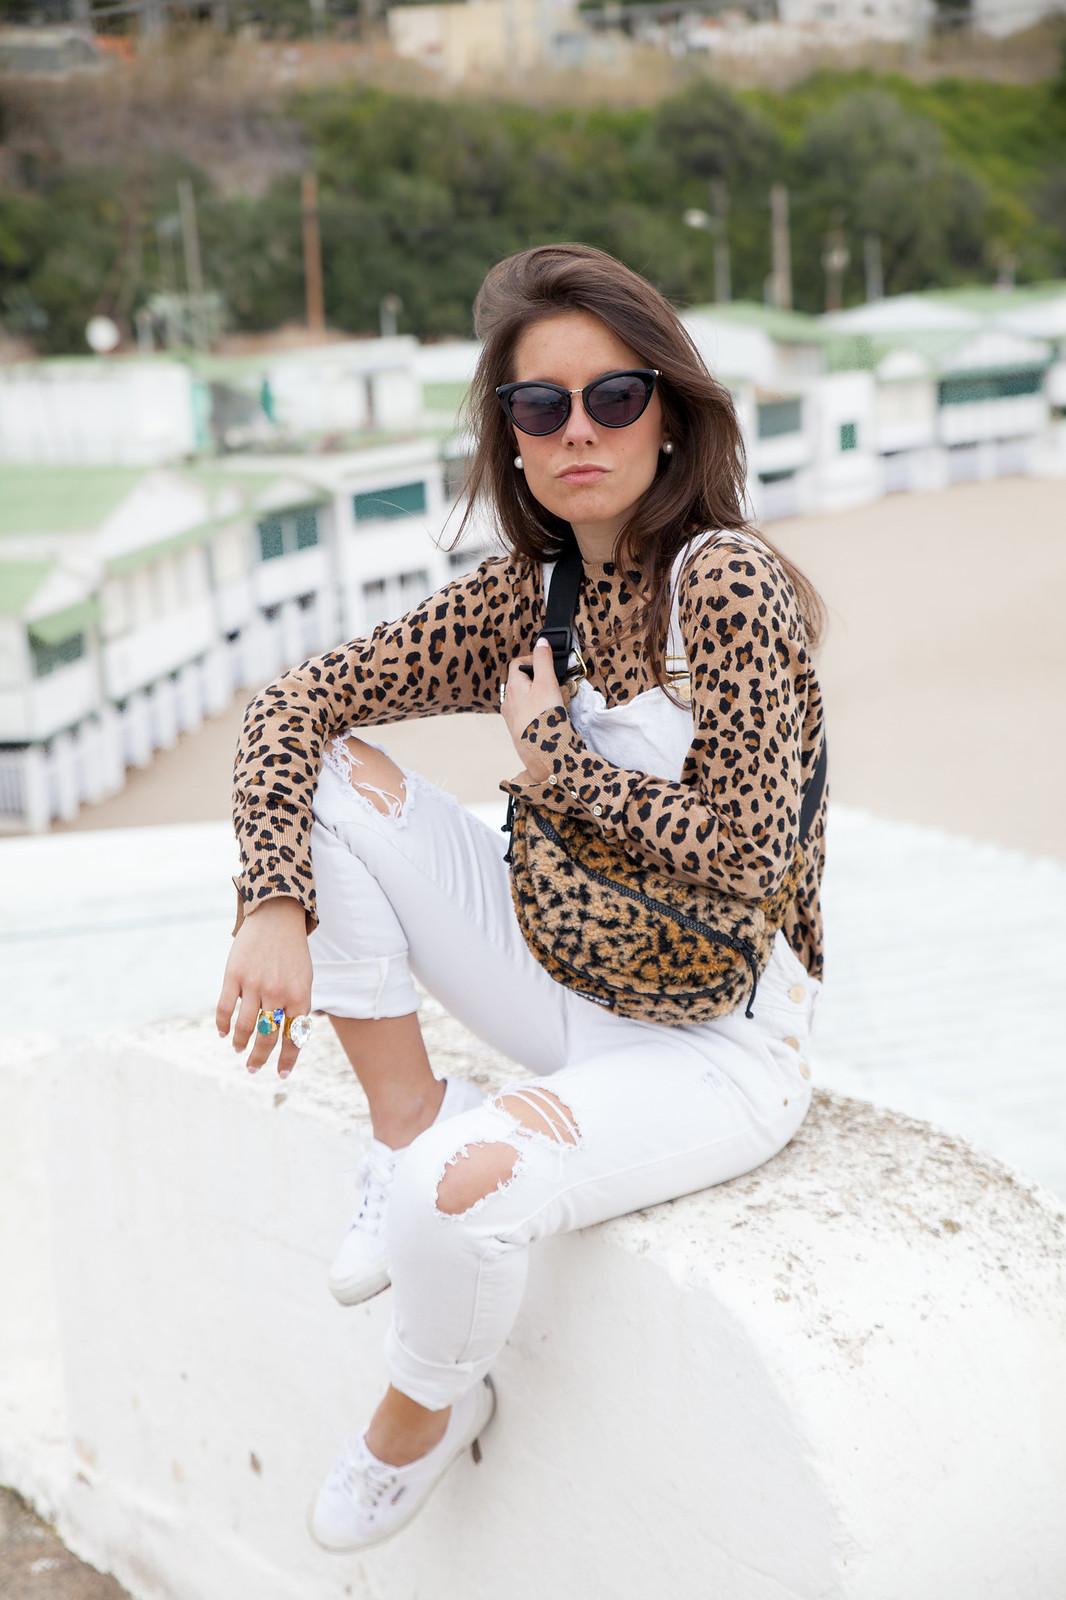 cómo combinar un peto blanco estilo sincerely jules a lo theguestgirl con riñonera Supreme y estampado leopardo